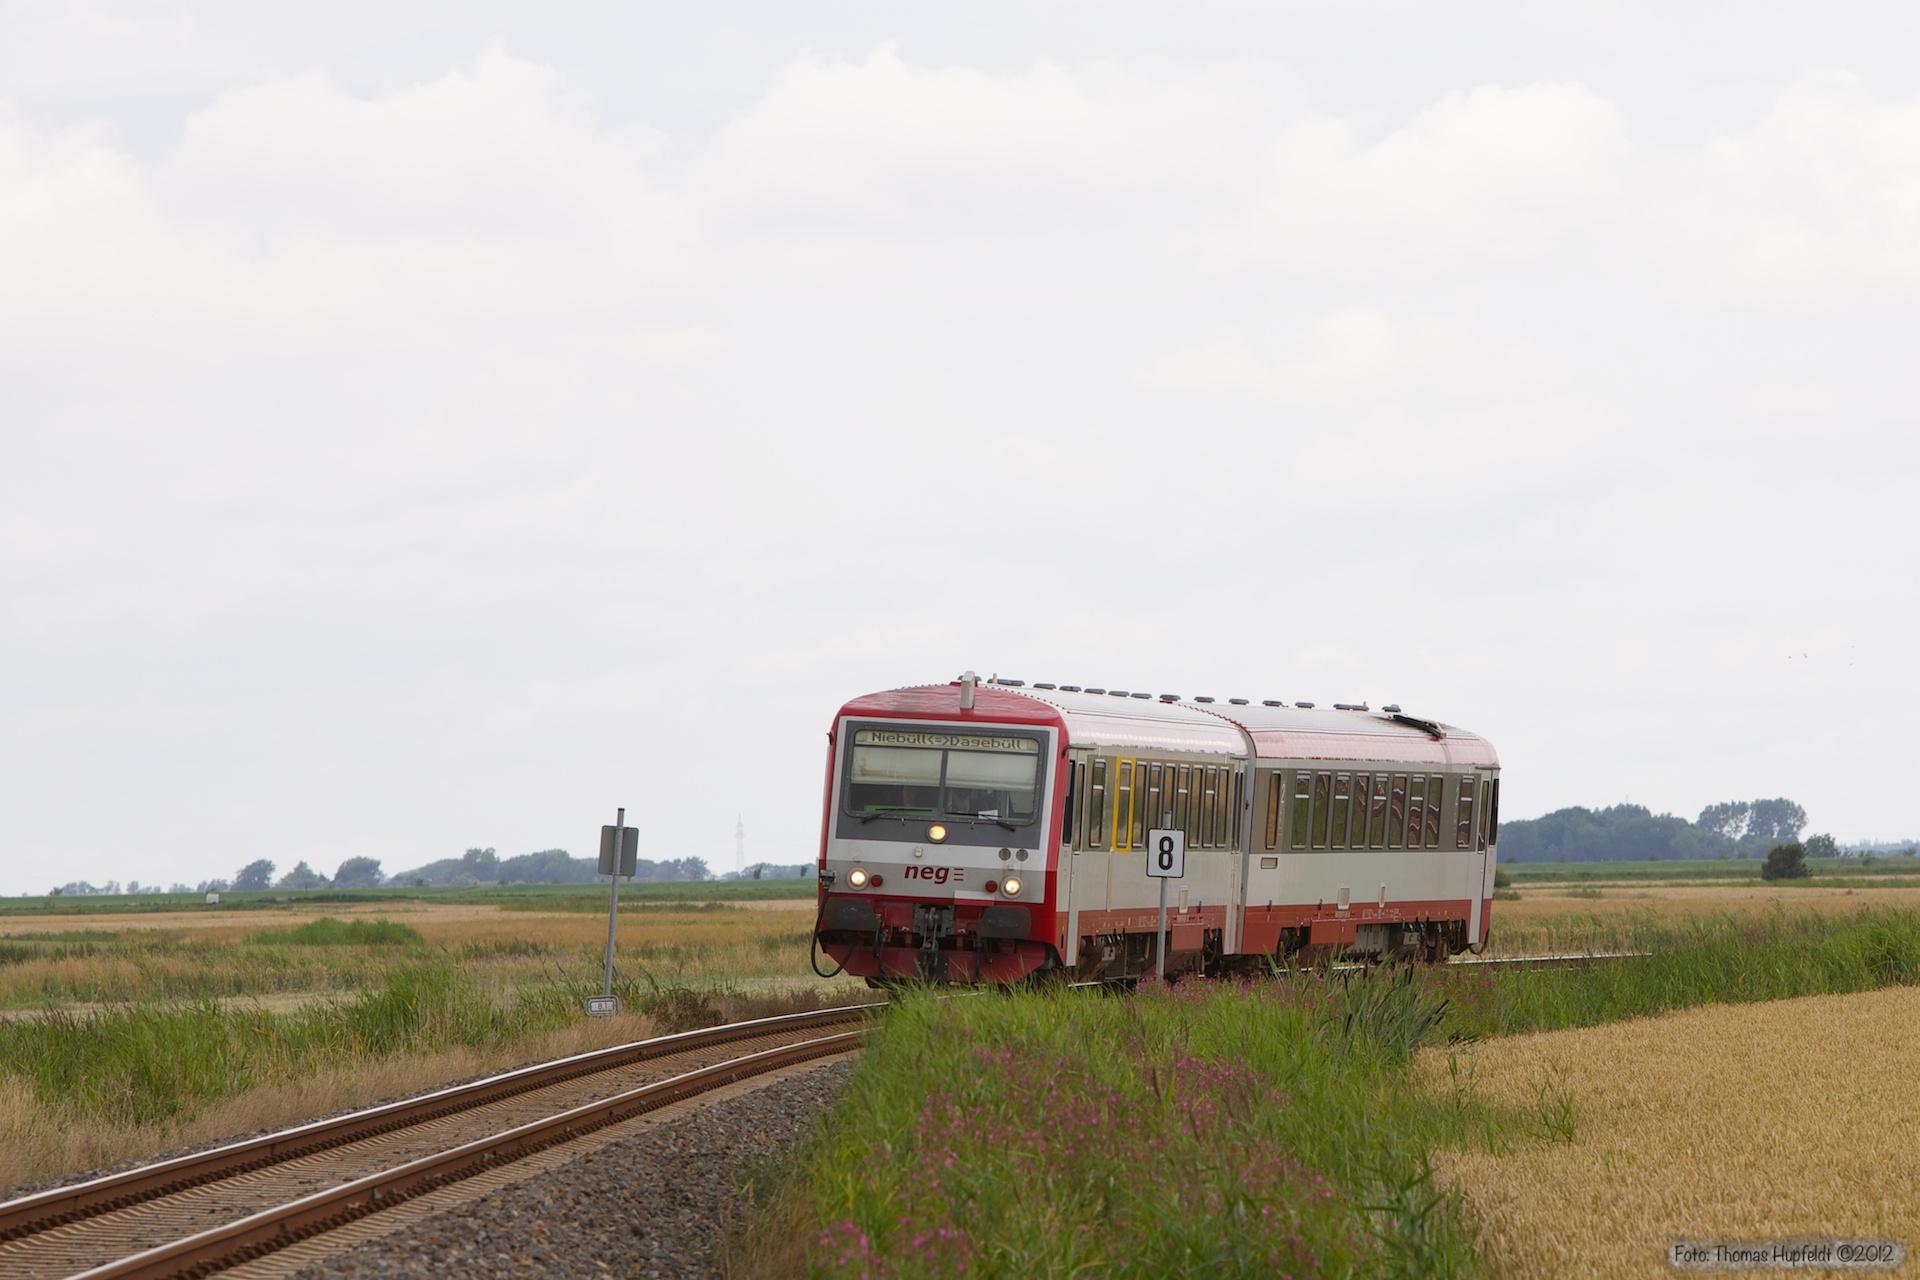 NEG VT71 som NEG15 (Niebüll - Dagebüll Mole) mellem Niebüll og Dagebüll Mole Km 8,3 - 29.07.2012